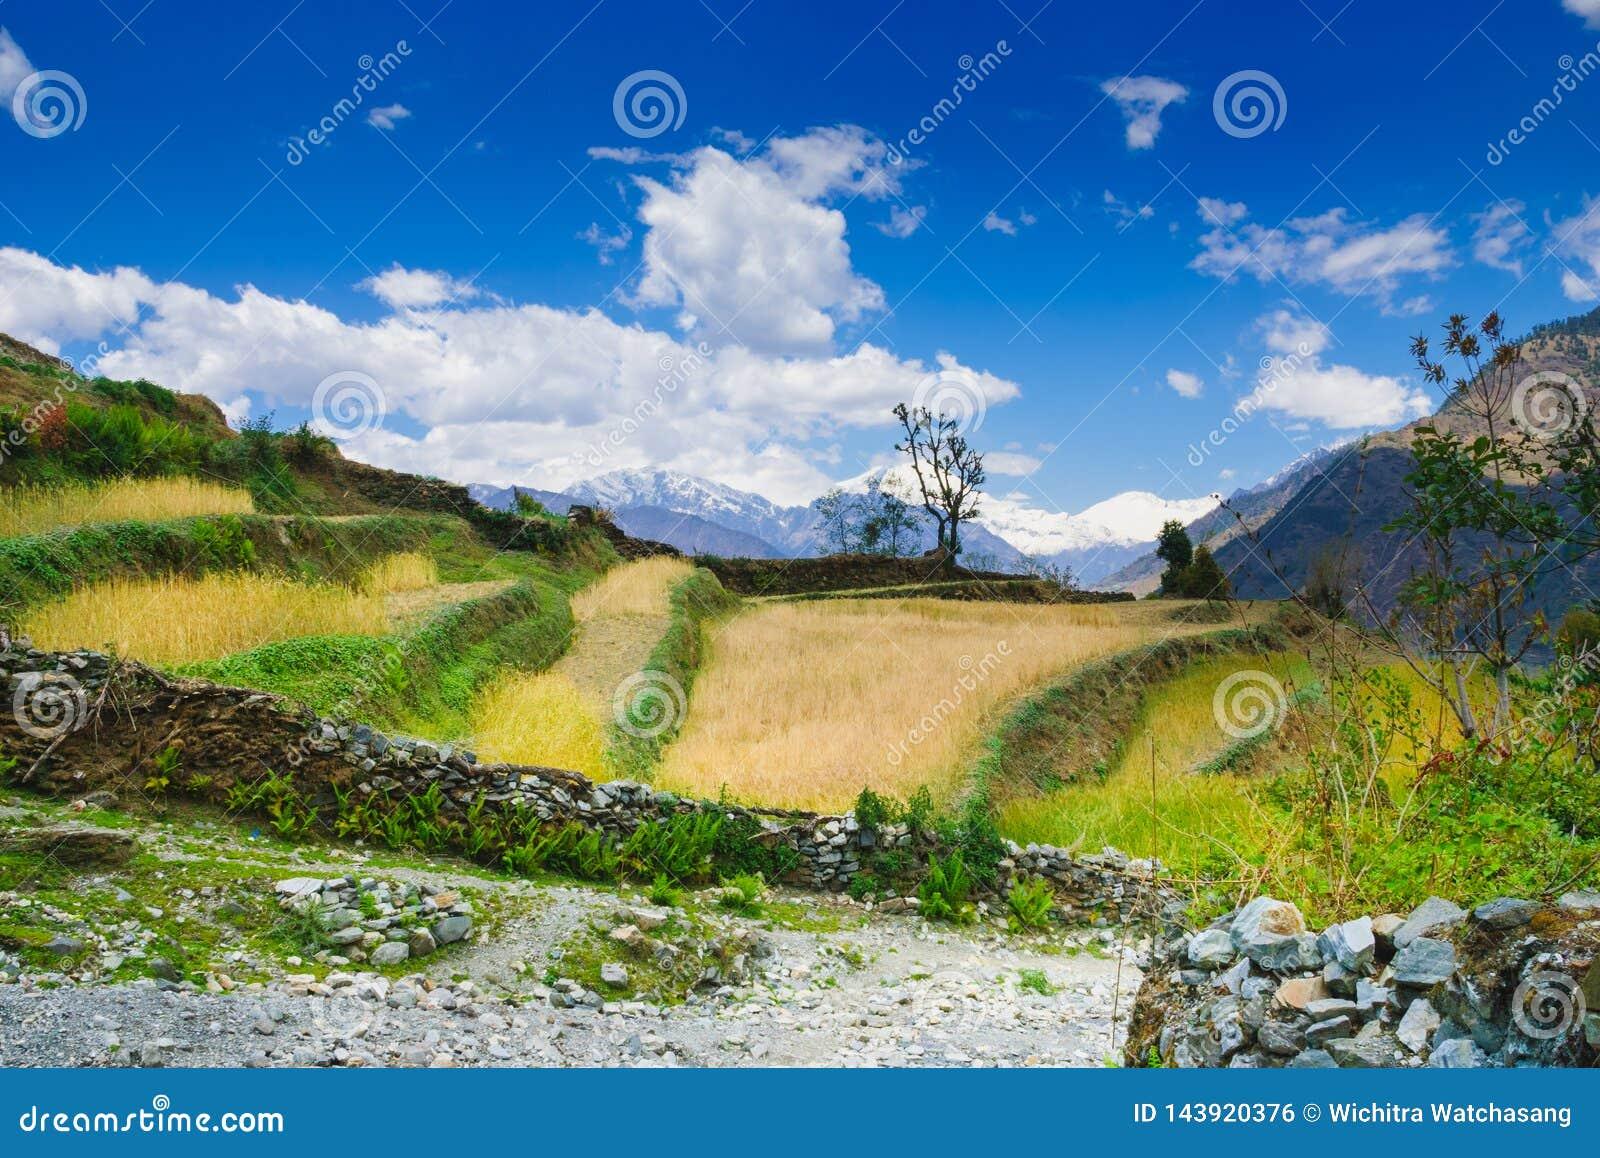 Annapurna strömkretsberg, populära trekking slingor i Nepal